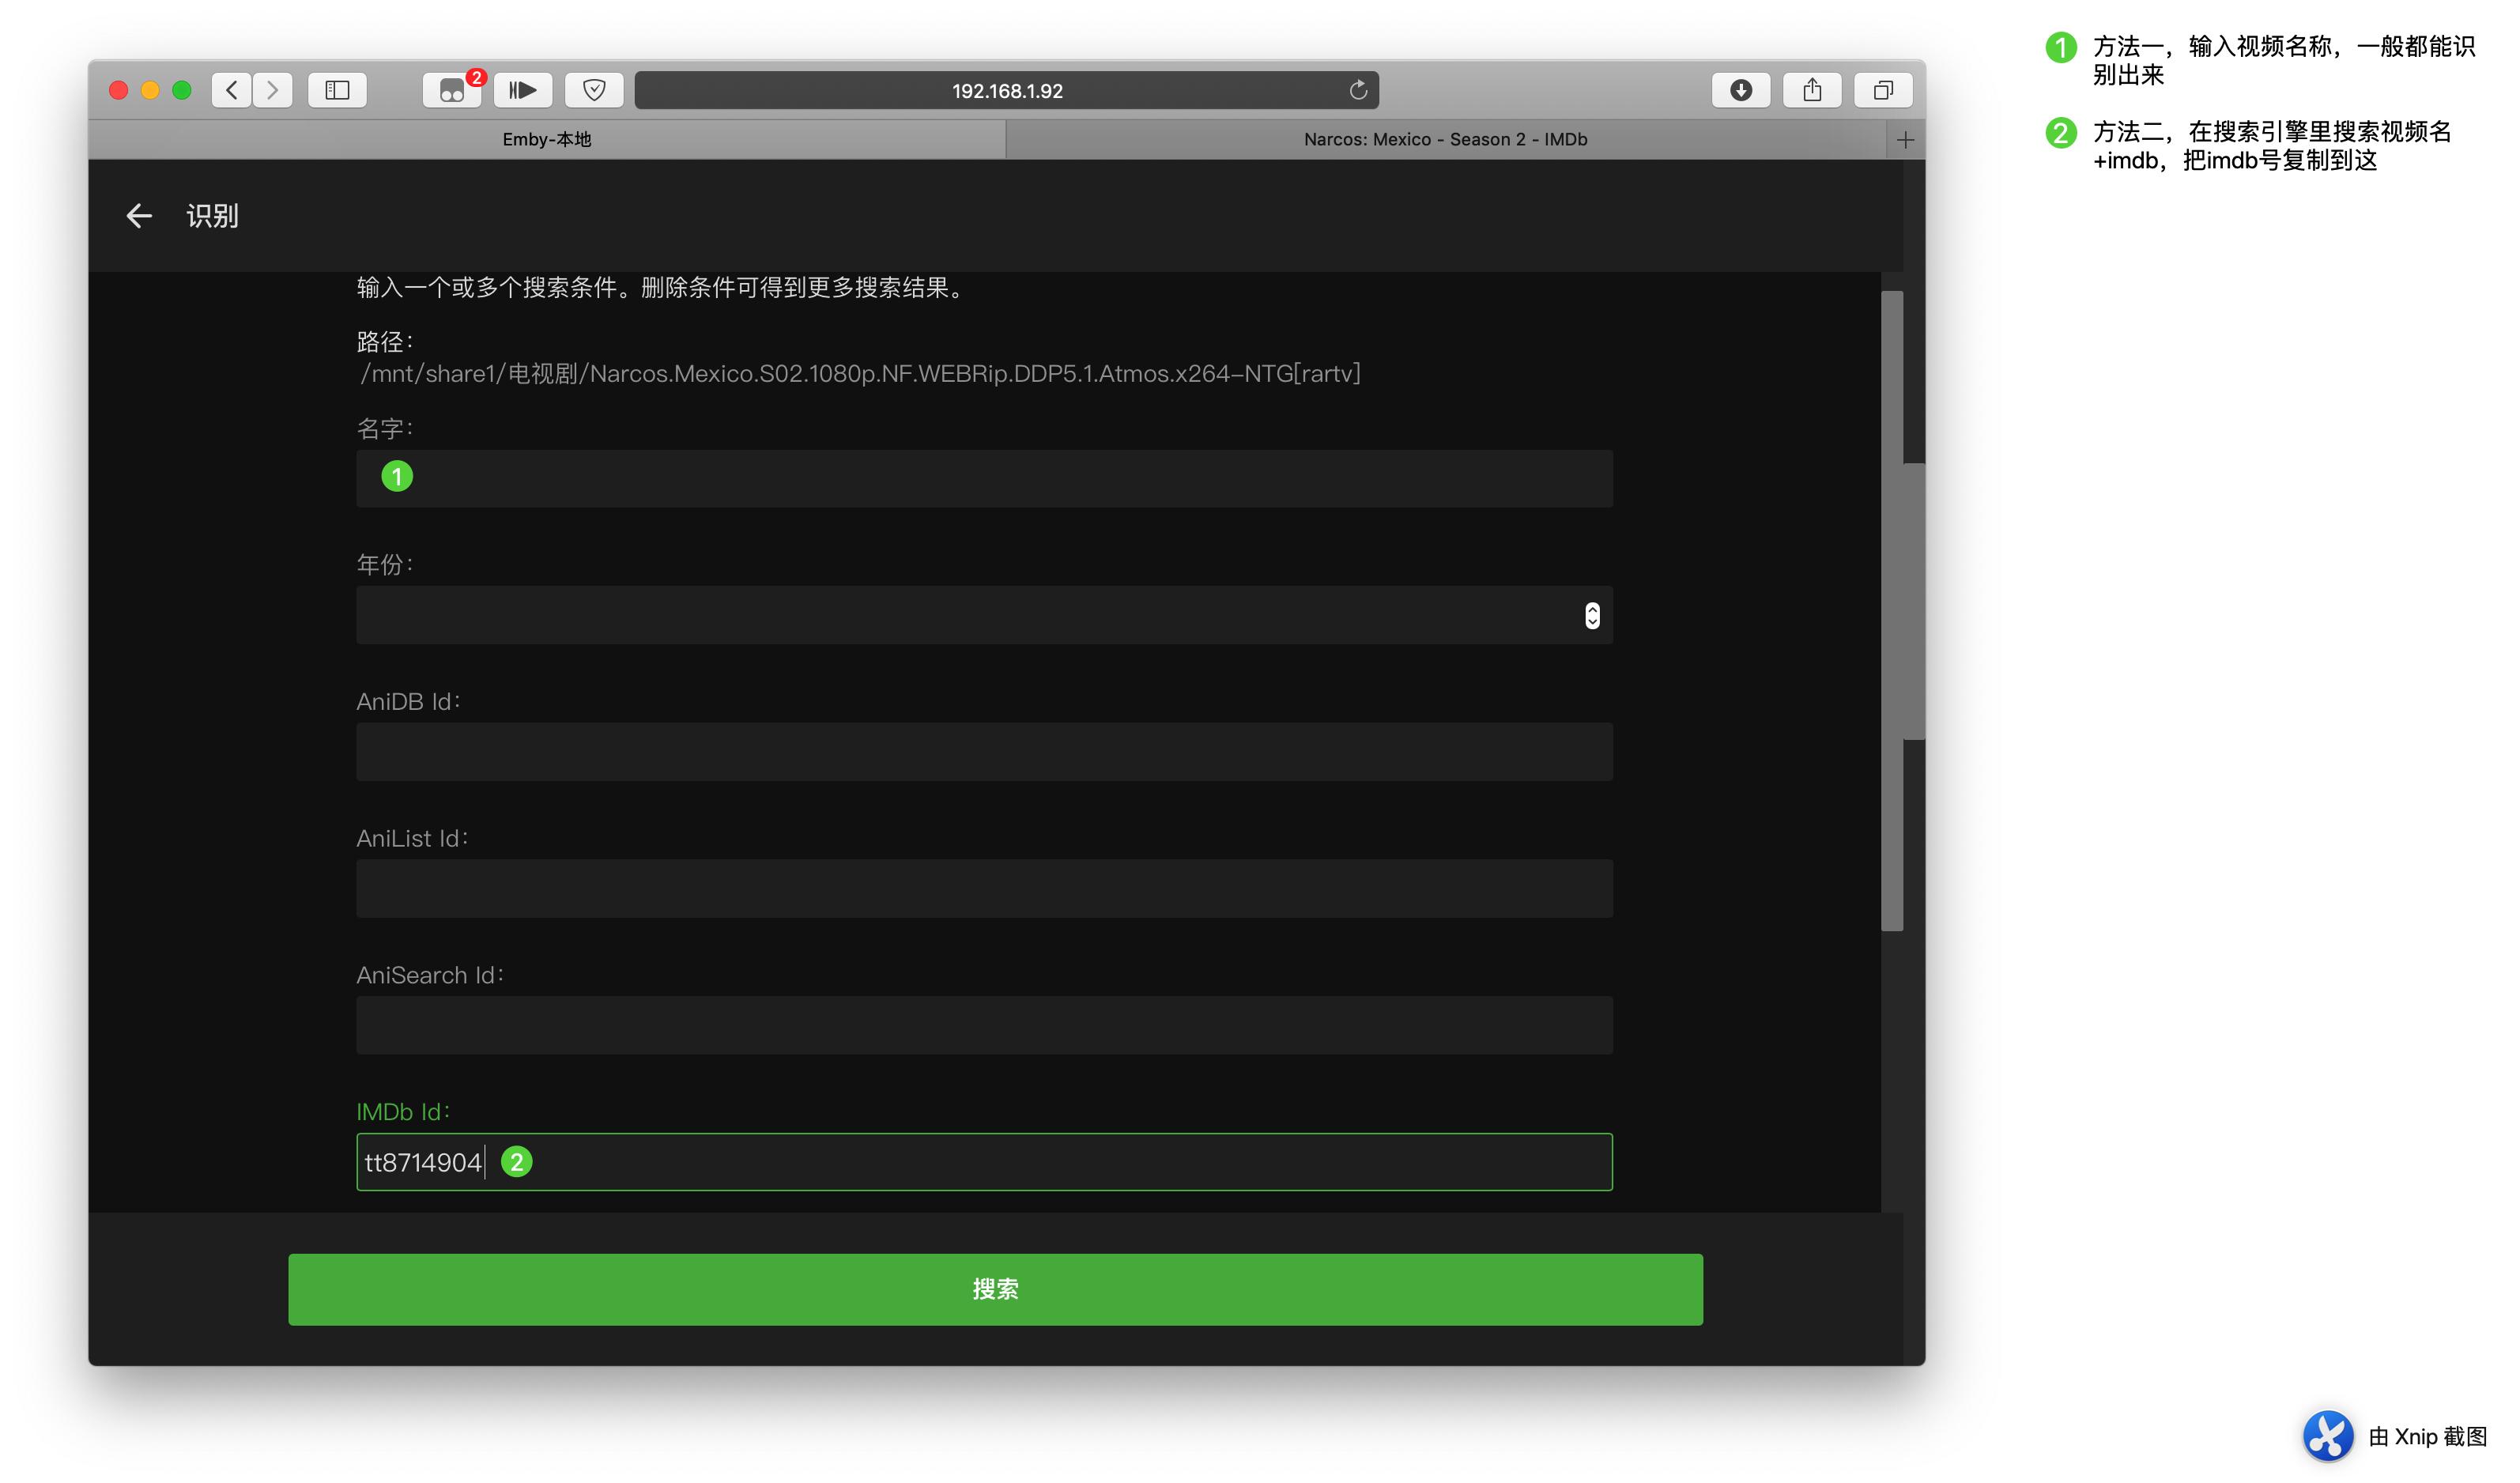 《群晖使用docker安装&使用EMBY全流程教程-长文》